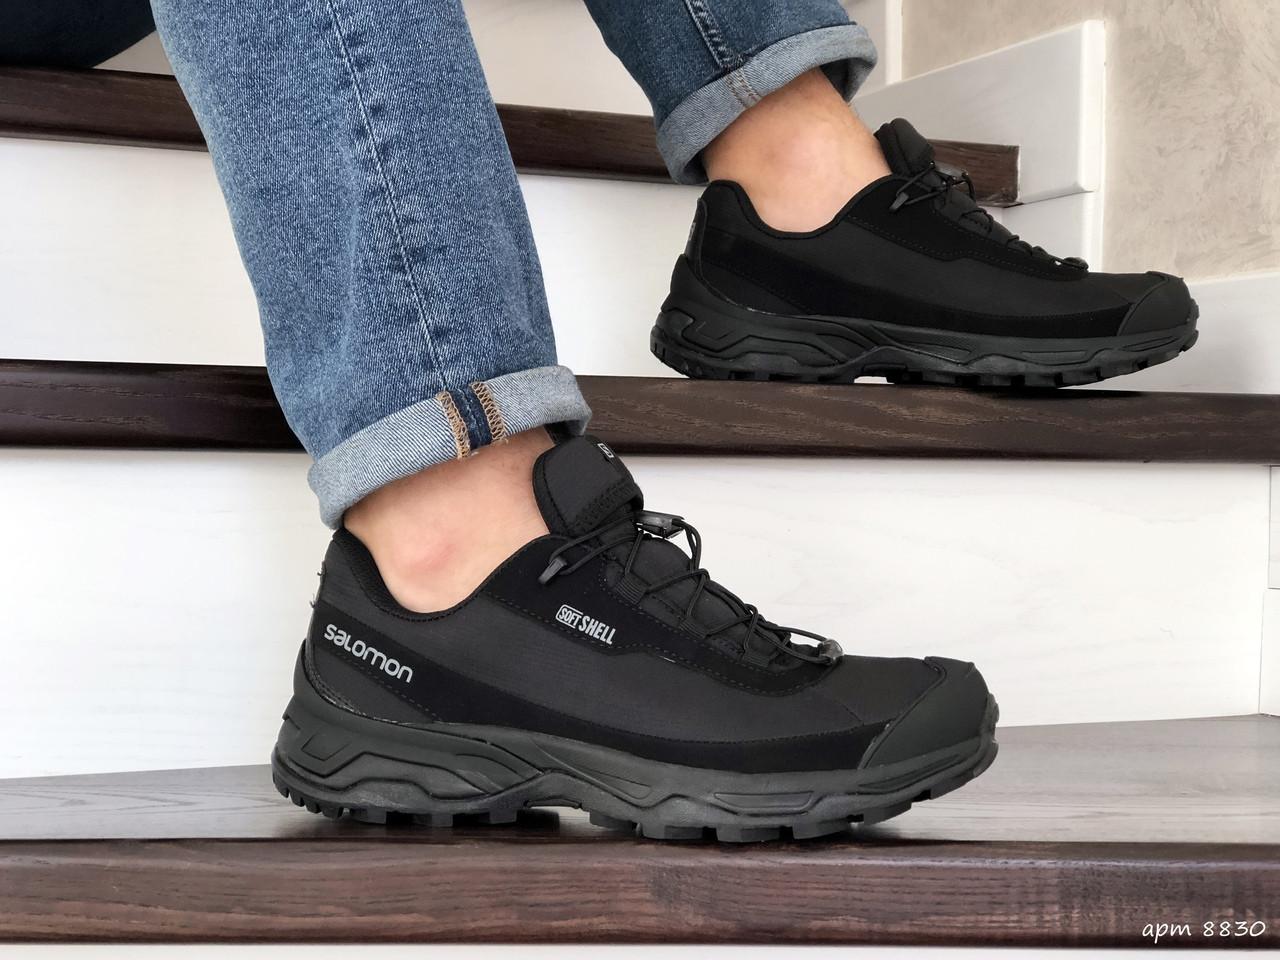 Мужские термо кроссовки Salomon Soft Shell,черные